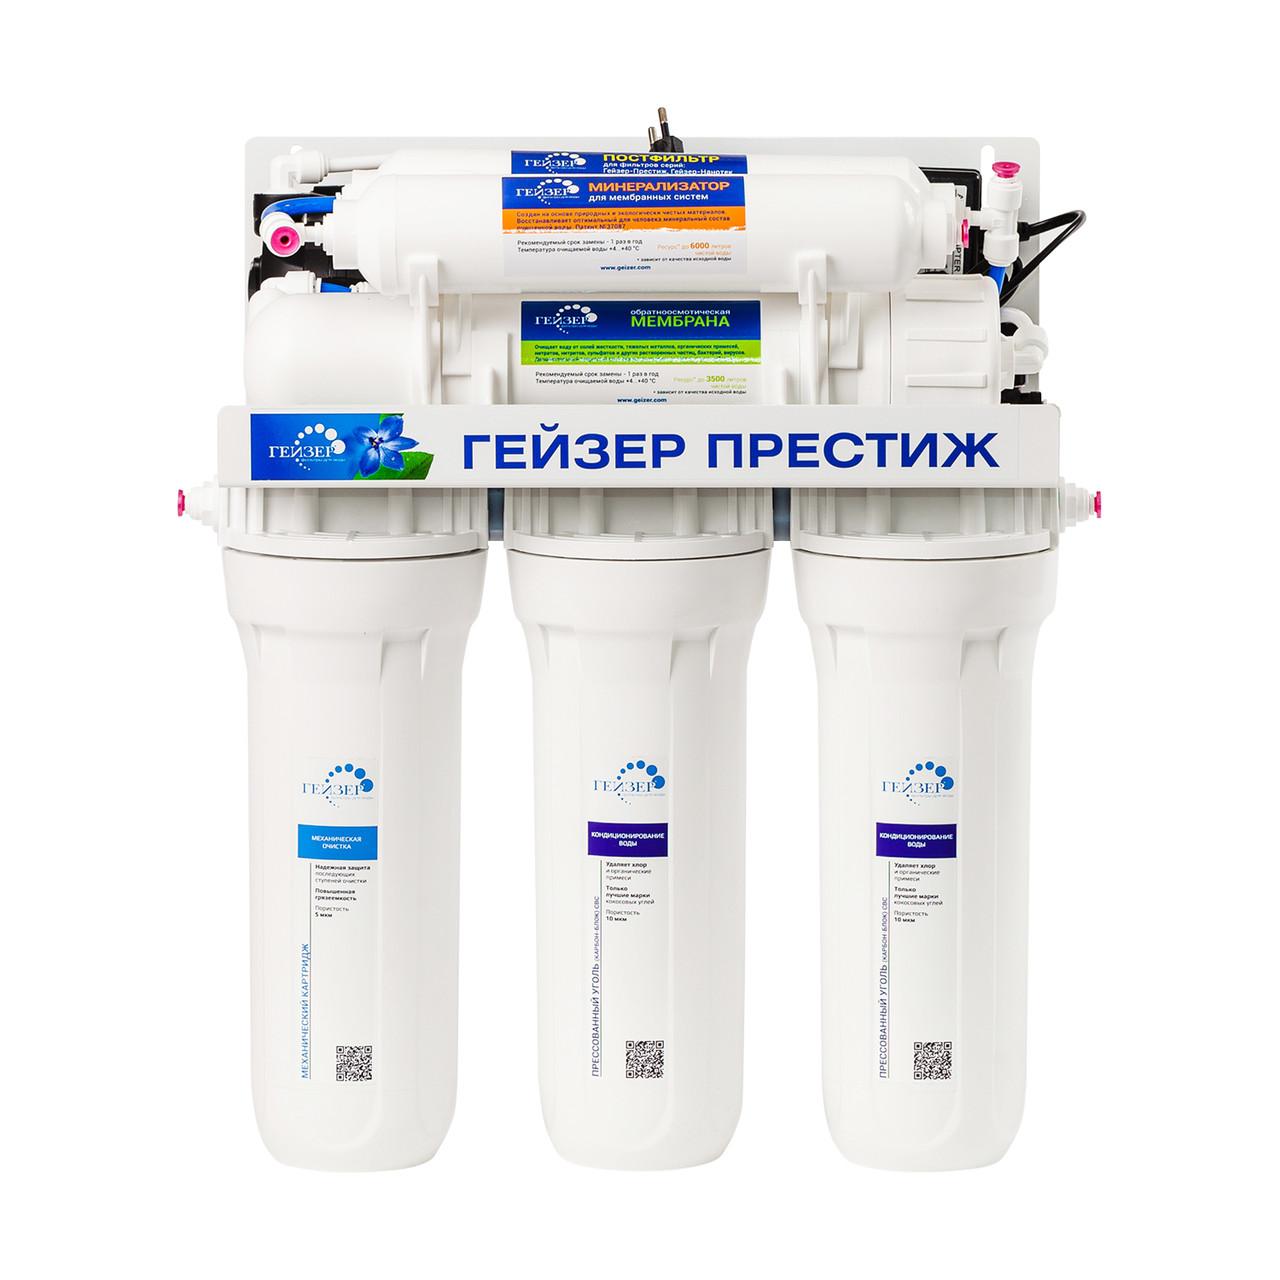 Фильтр Гейзер ПРЕСТИЖ-ПМ с обратным осмосом и помпой повышающей давление